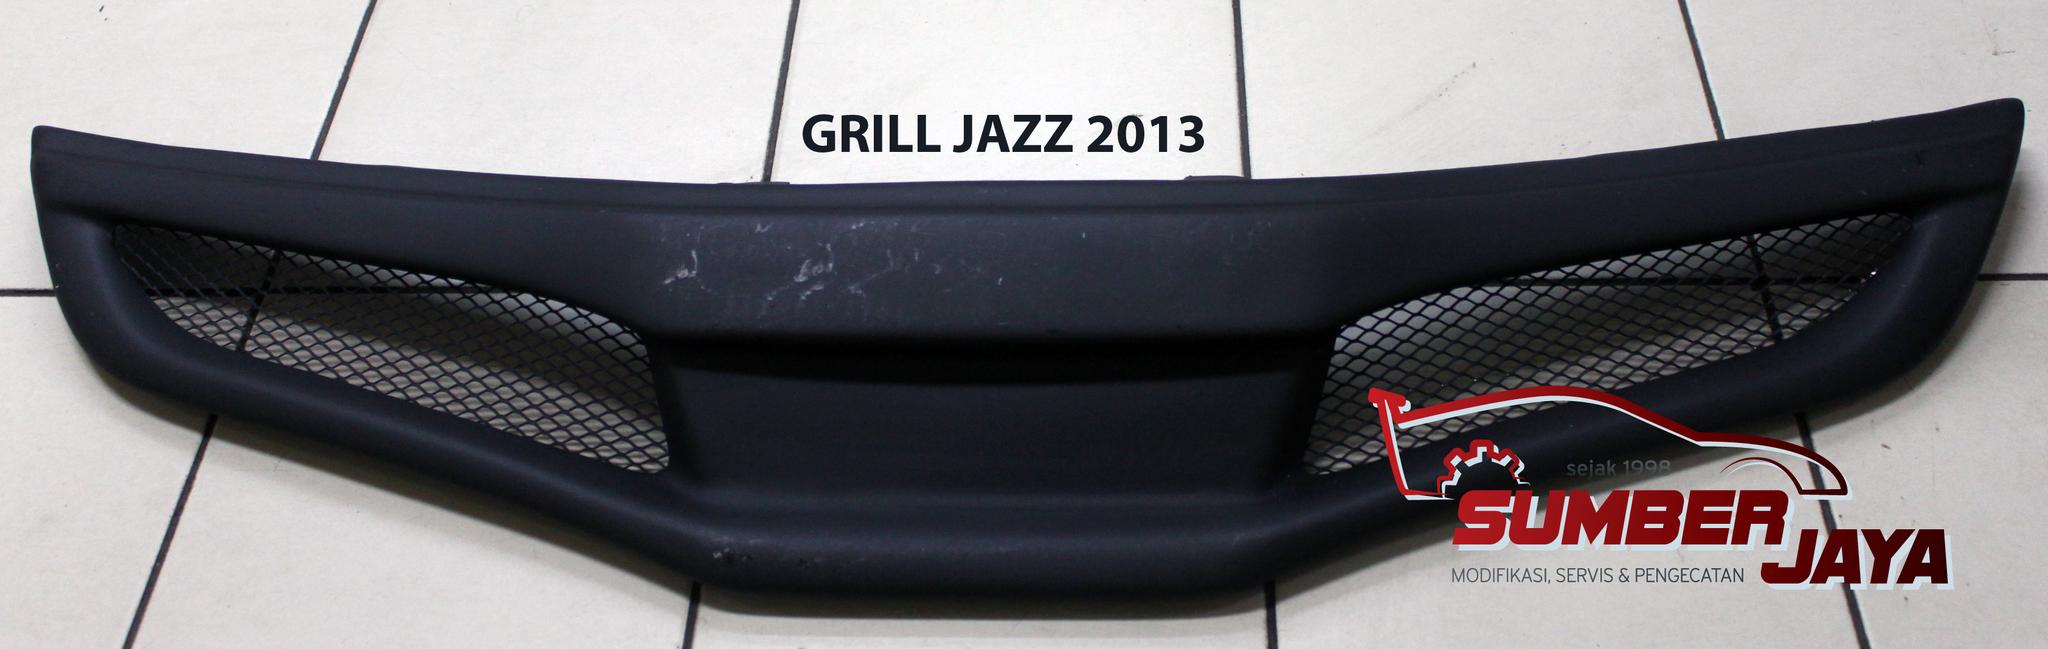 Grill Jazz Mugen 2013